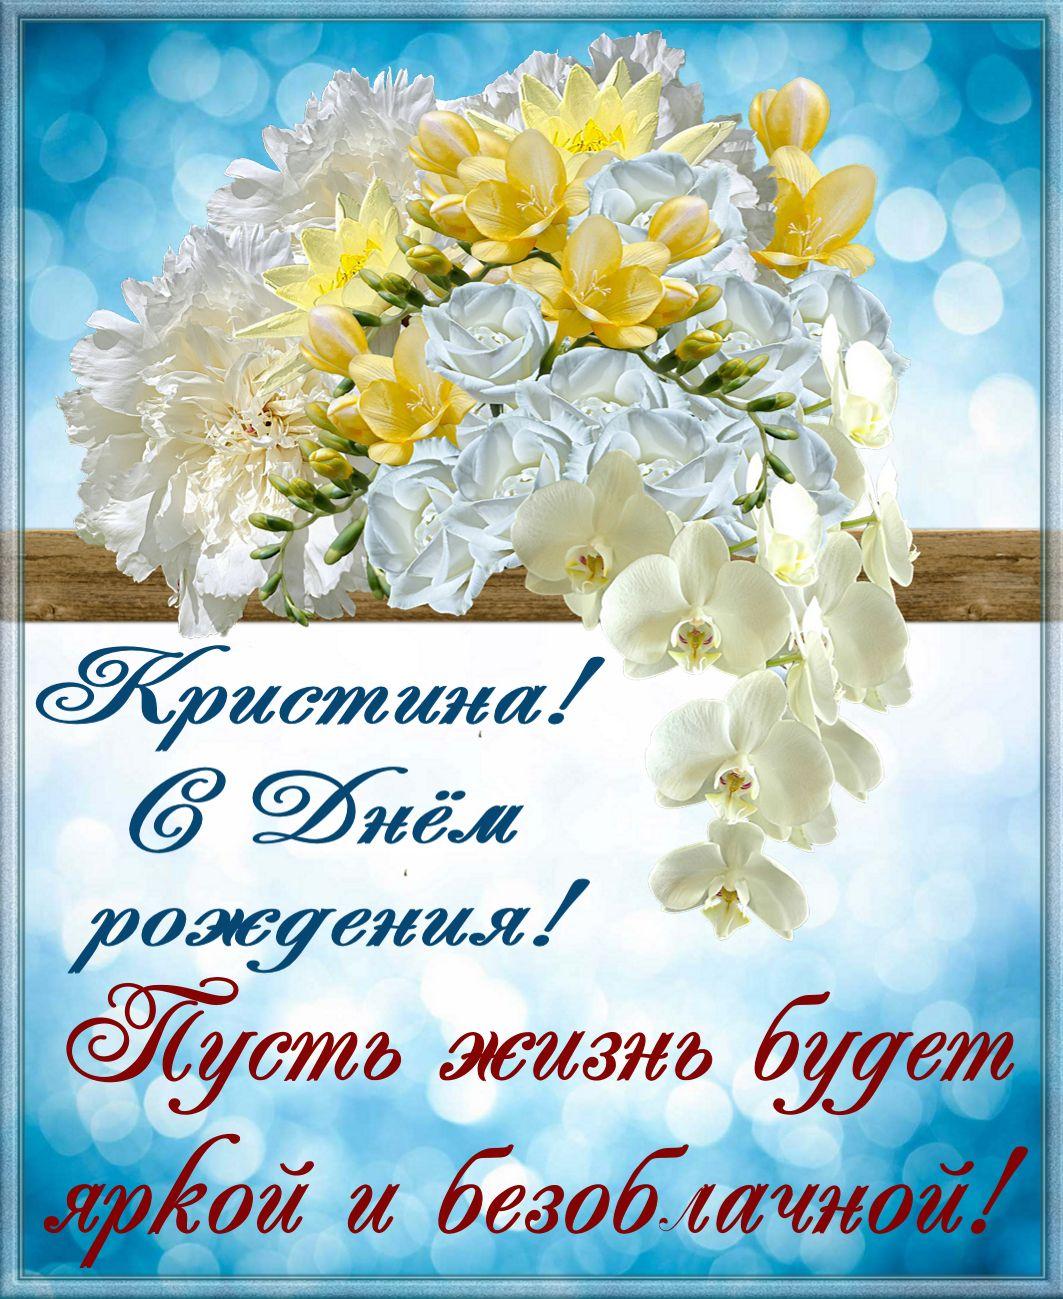 Открытка на День рождения - красивые цветы и пожелание Кристине